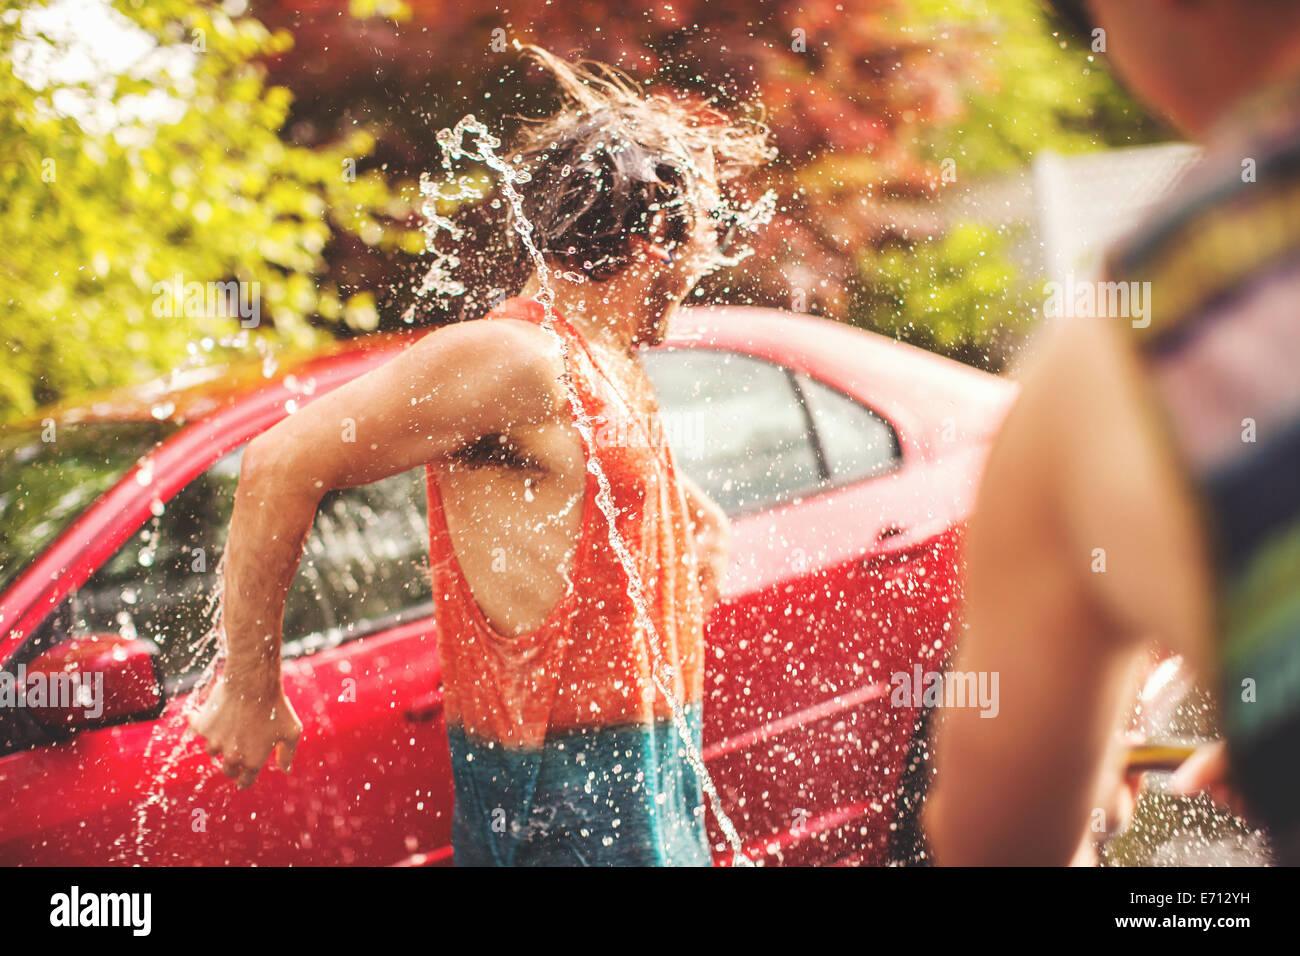 Joven ser rociado con agua Imagen De Stock